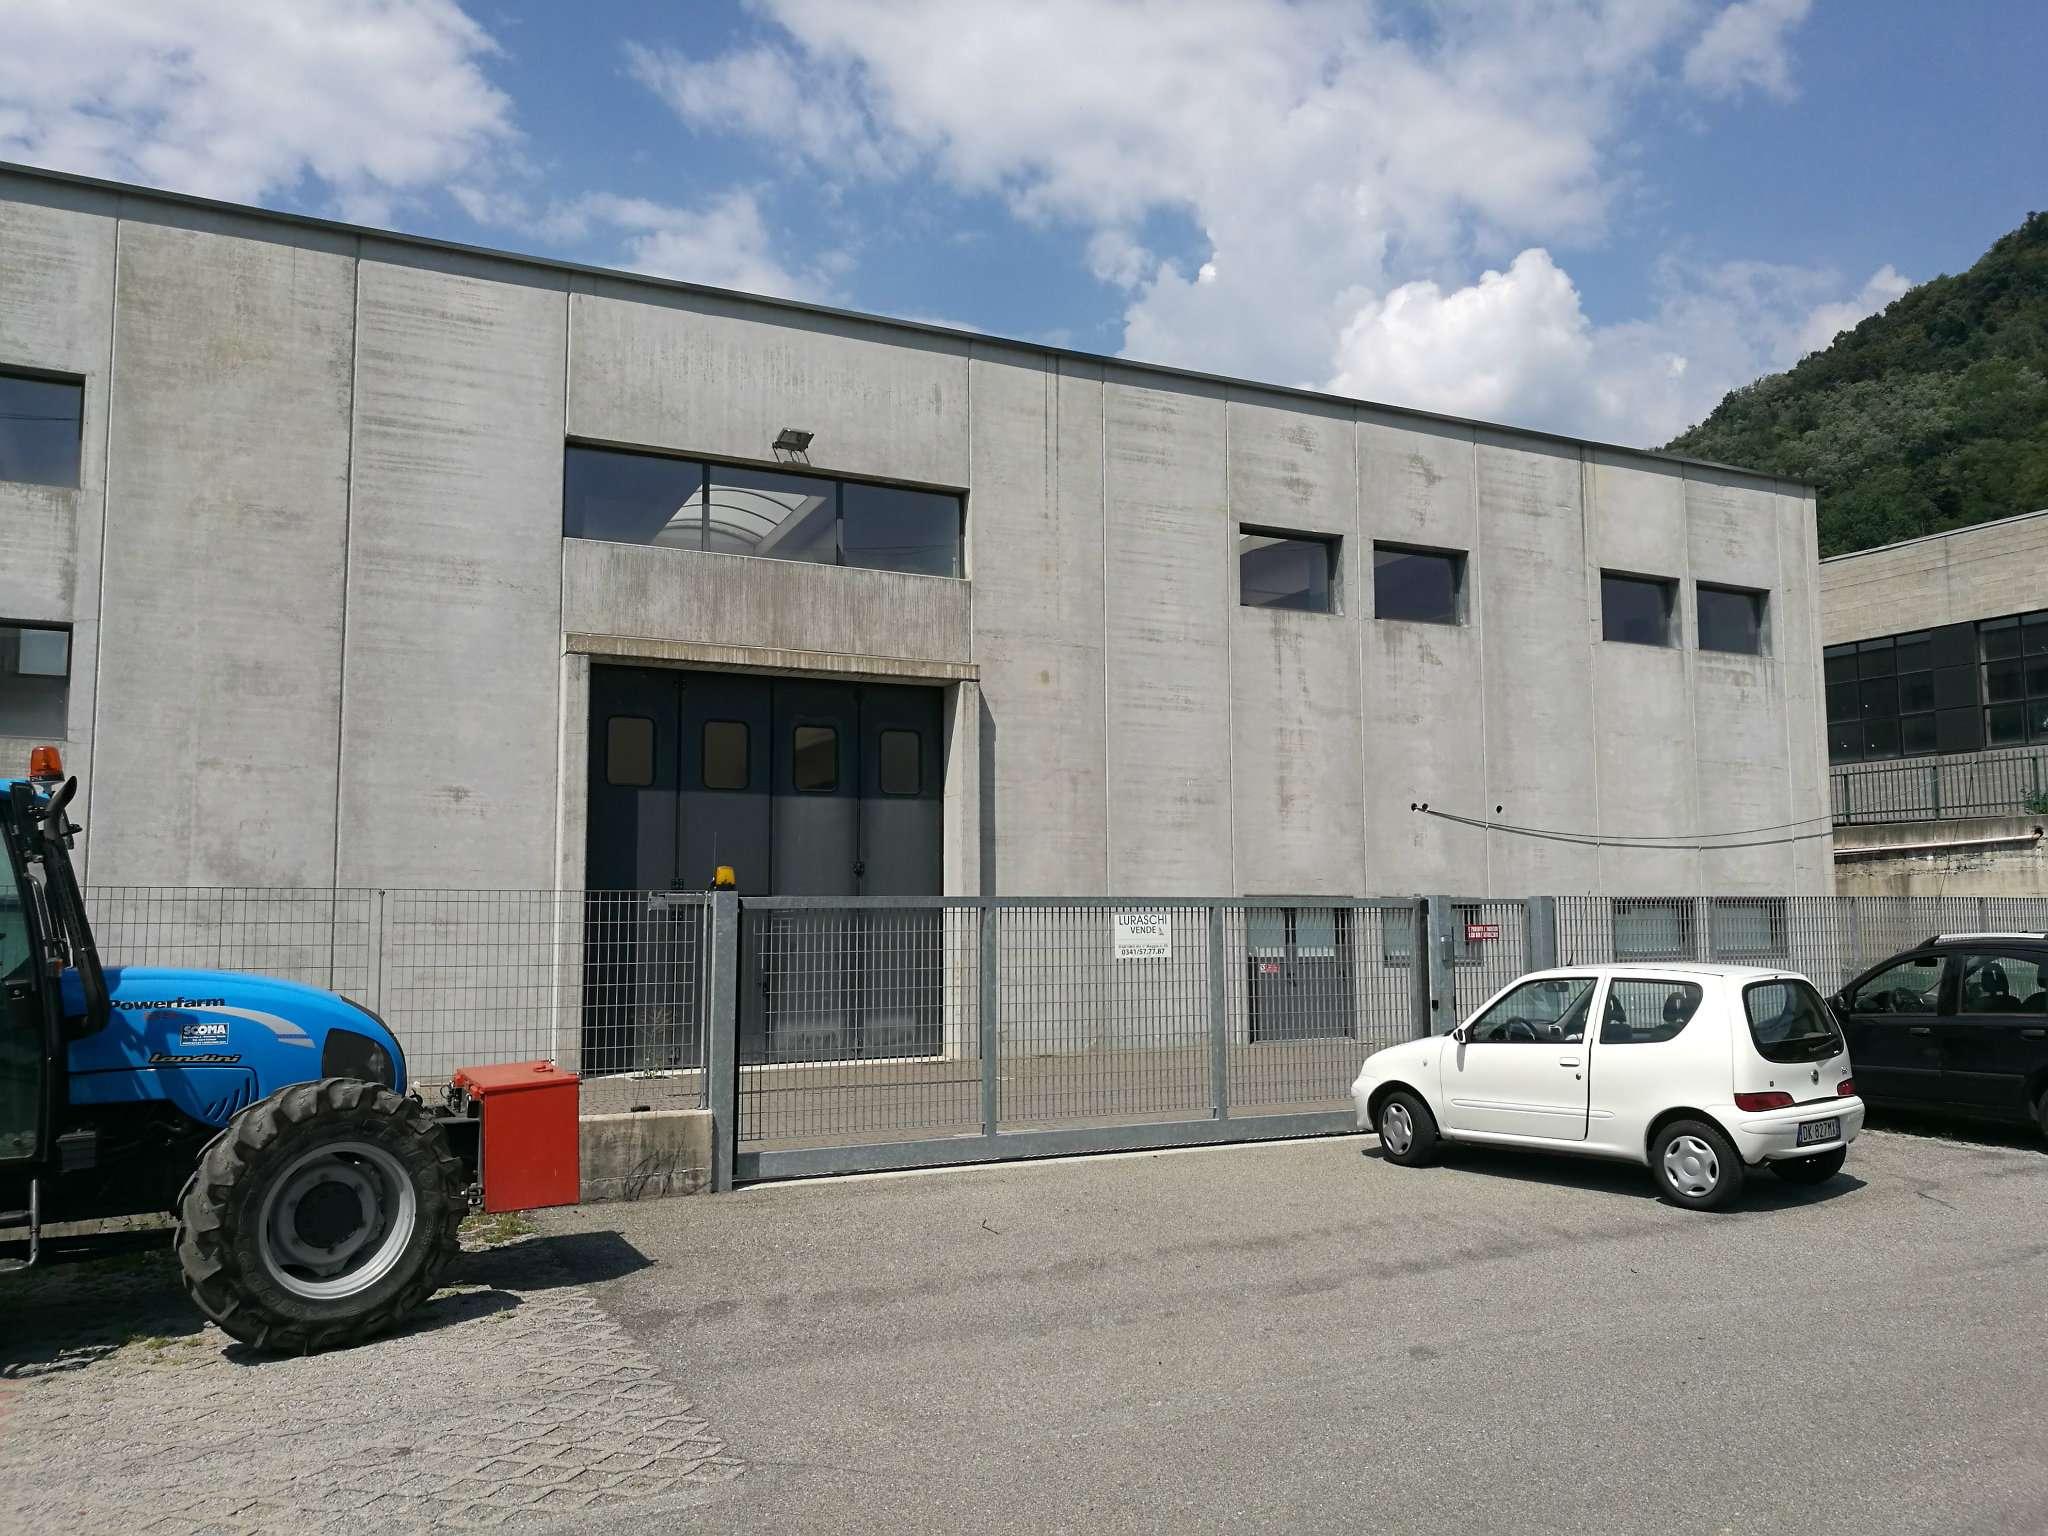 Capannone castello di brianza vendita 800 mq - Immobile non soggetto all obbligo di certificazione energetica ...